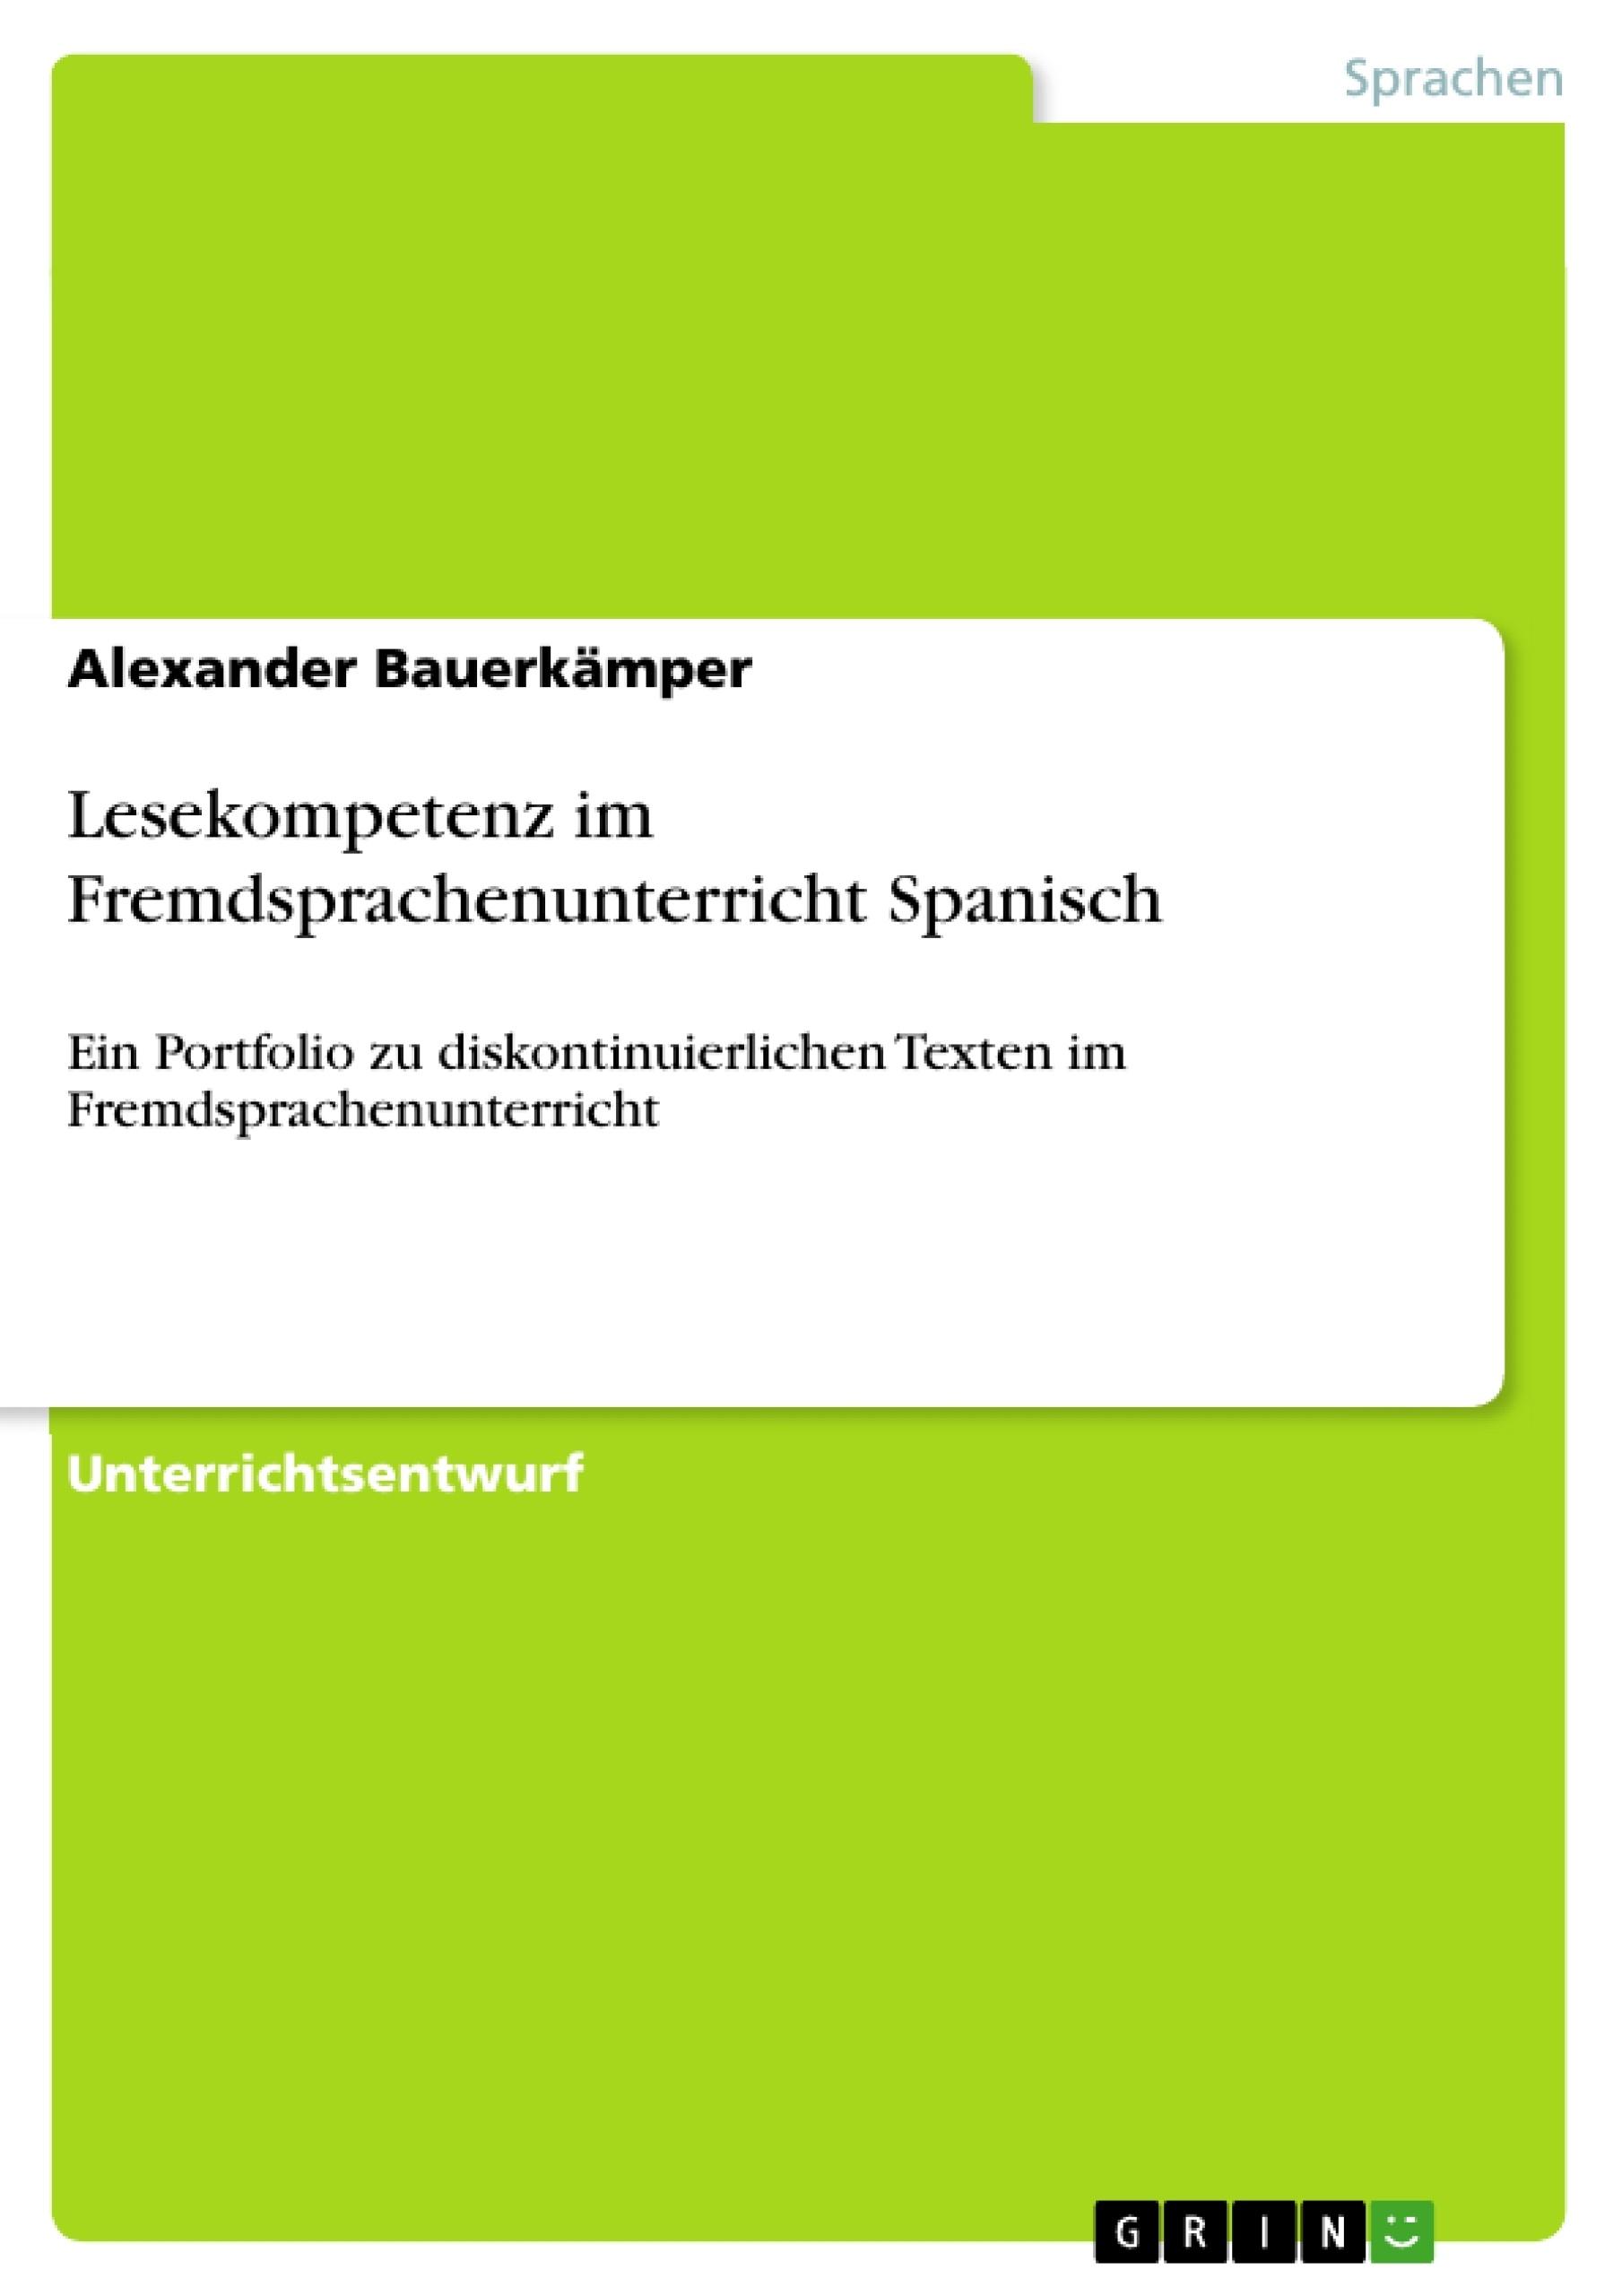 Titel: Lesekompetenz im Fremdsprachenunterricht Spanisch